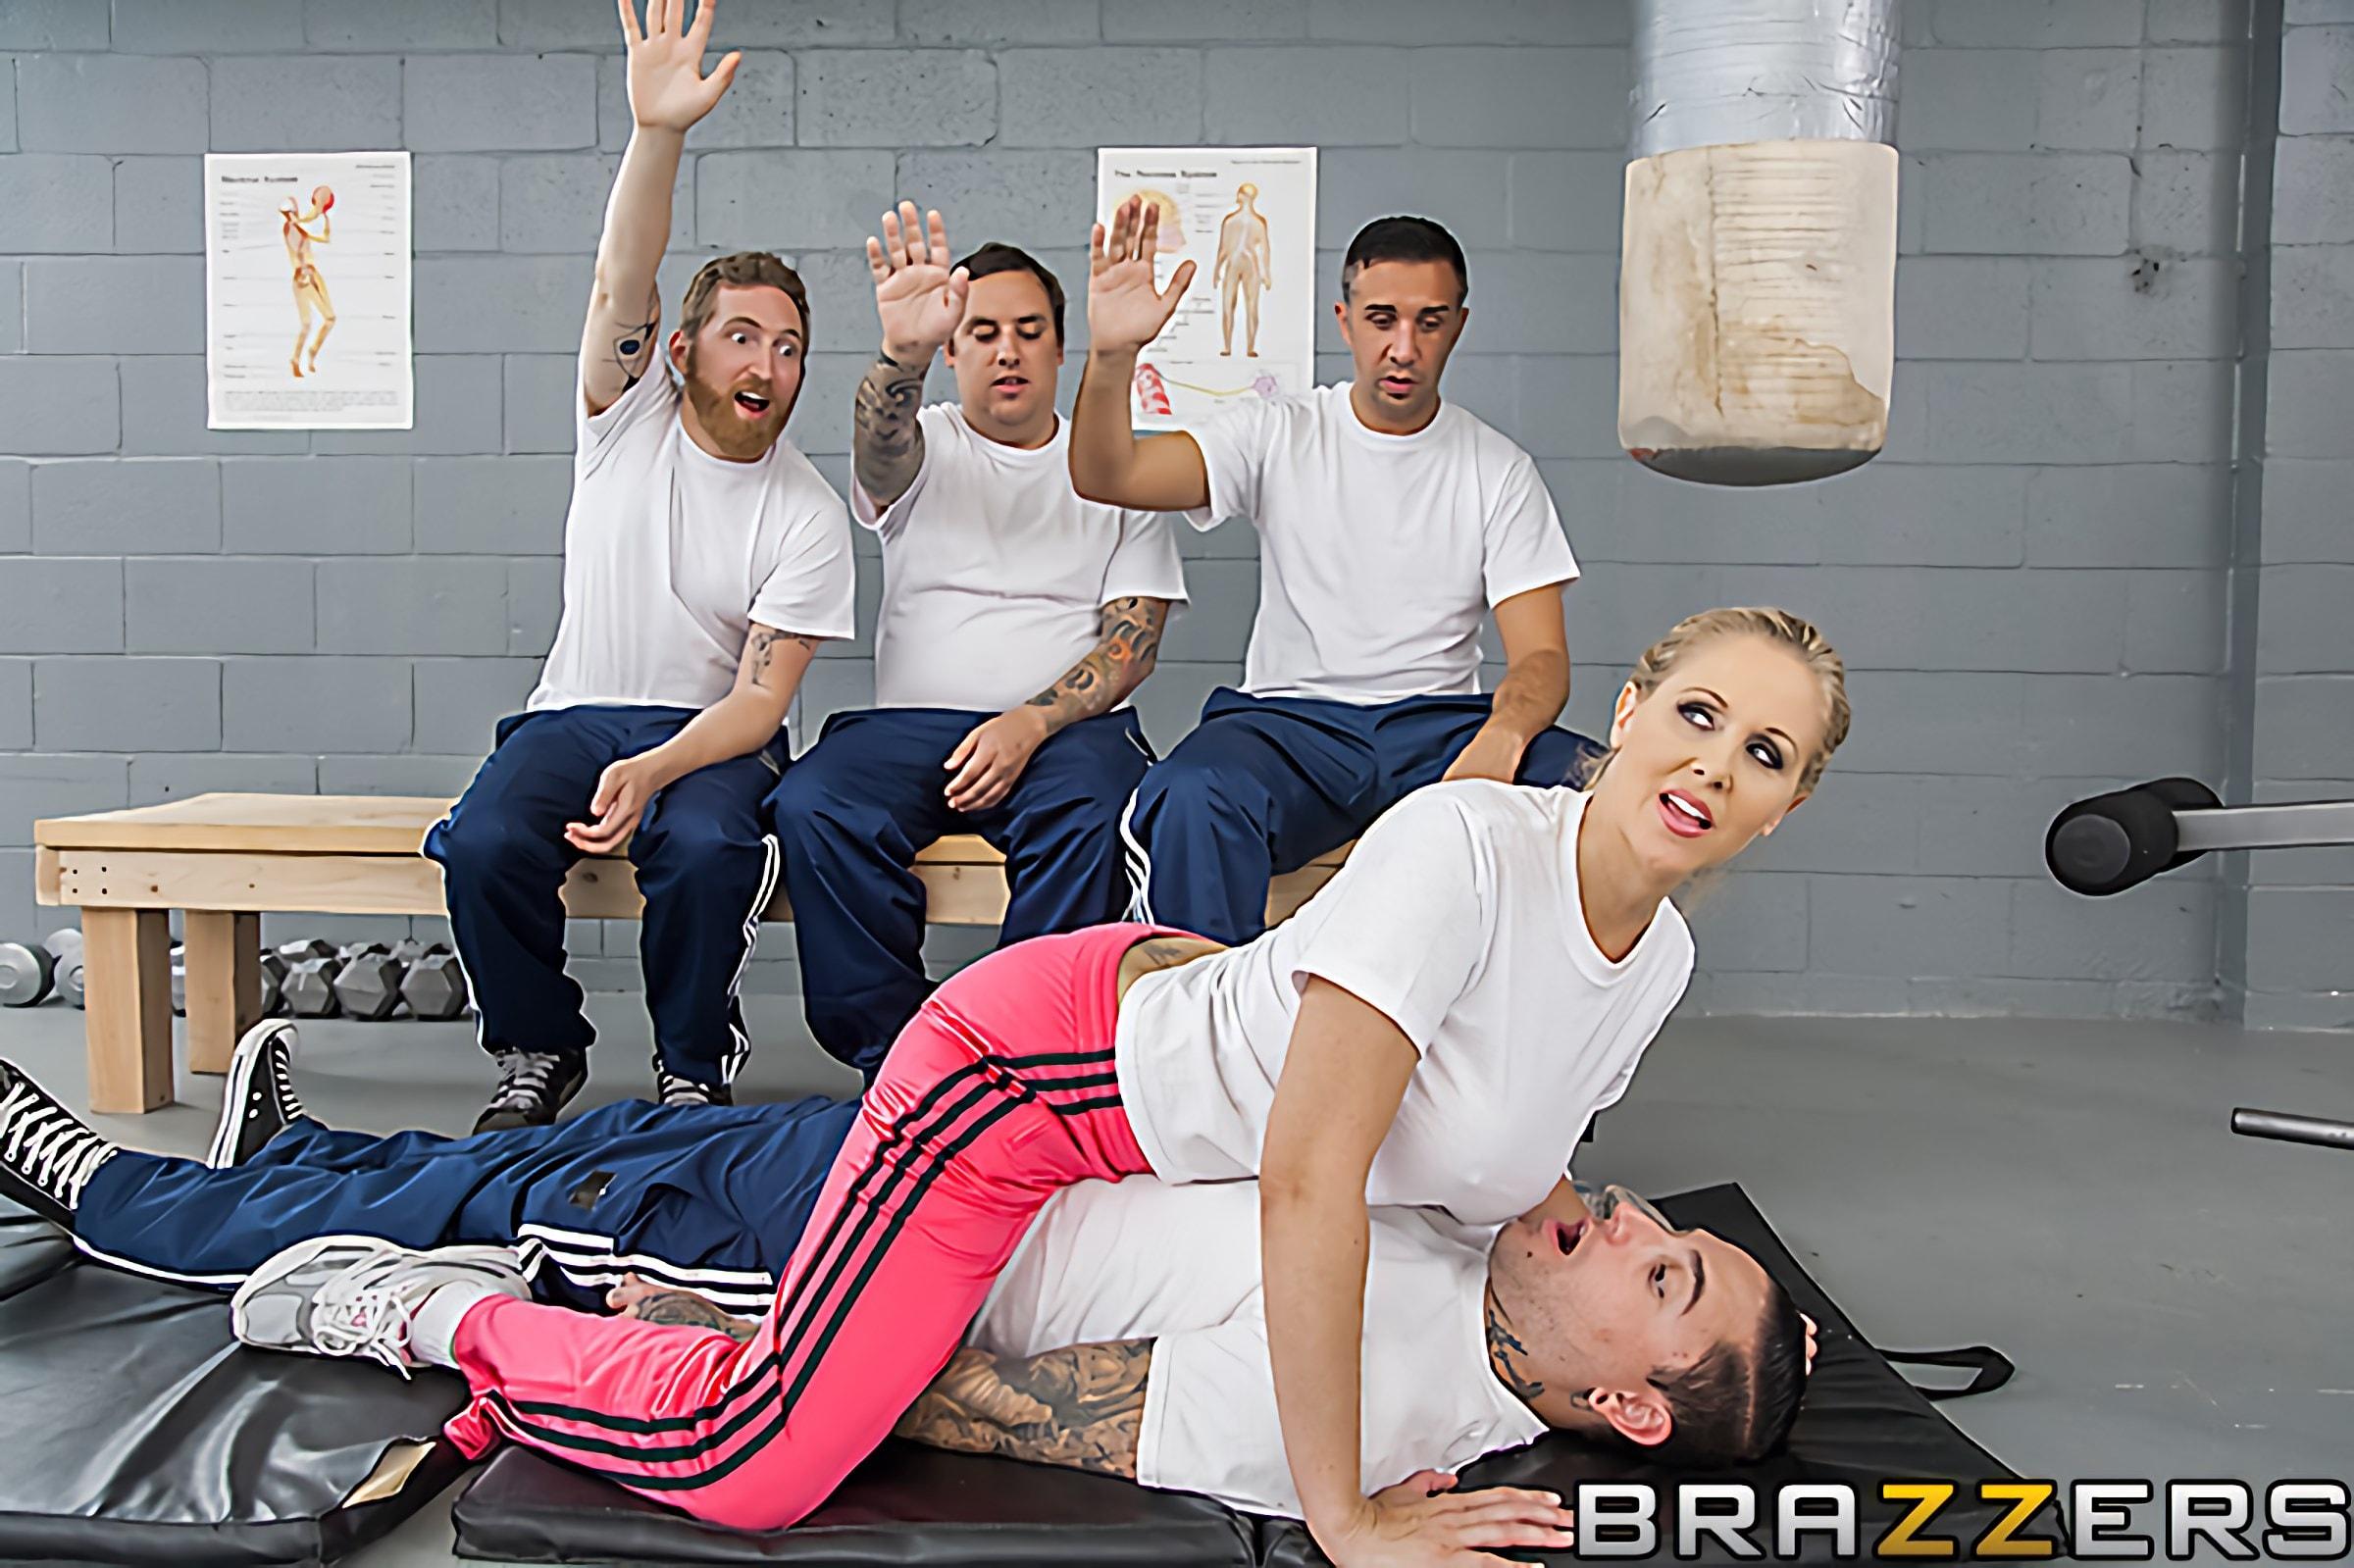 Brazzers 'Lean, Mean, Fucking Machine' starring Julia Ann (Photo 1)